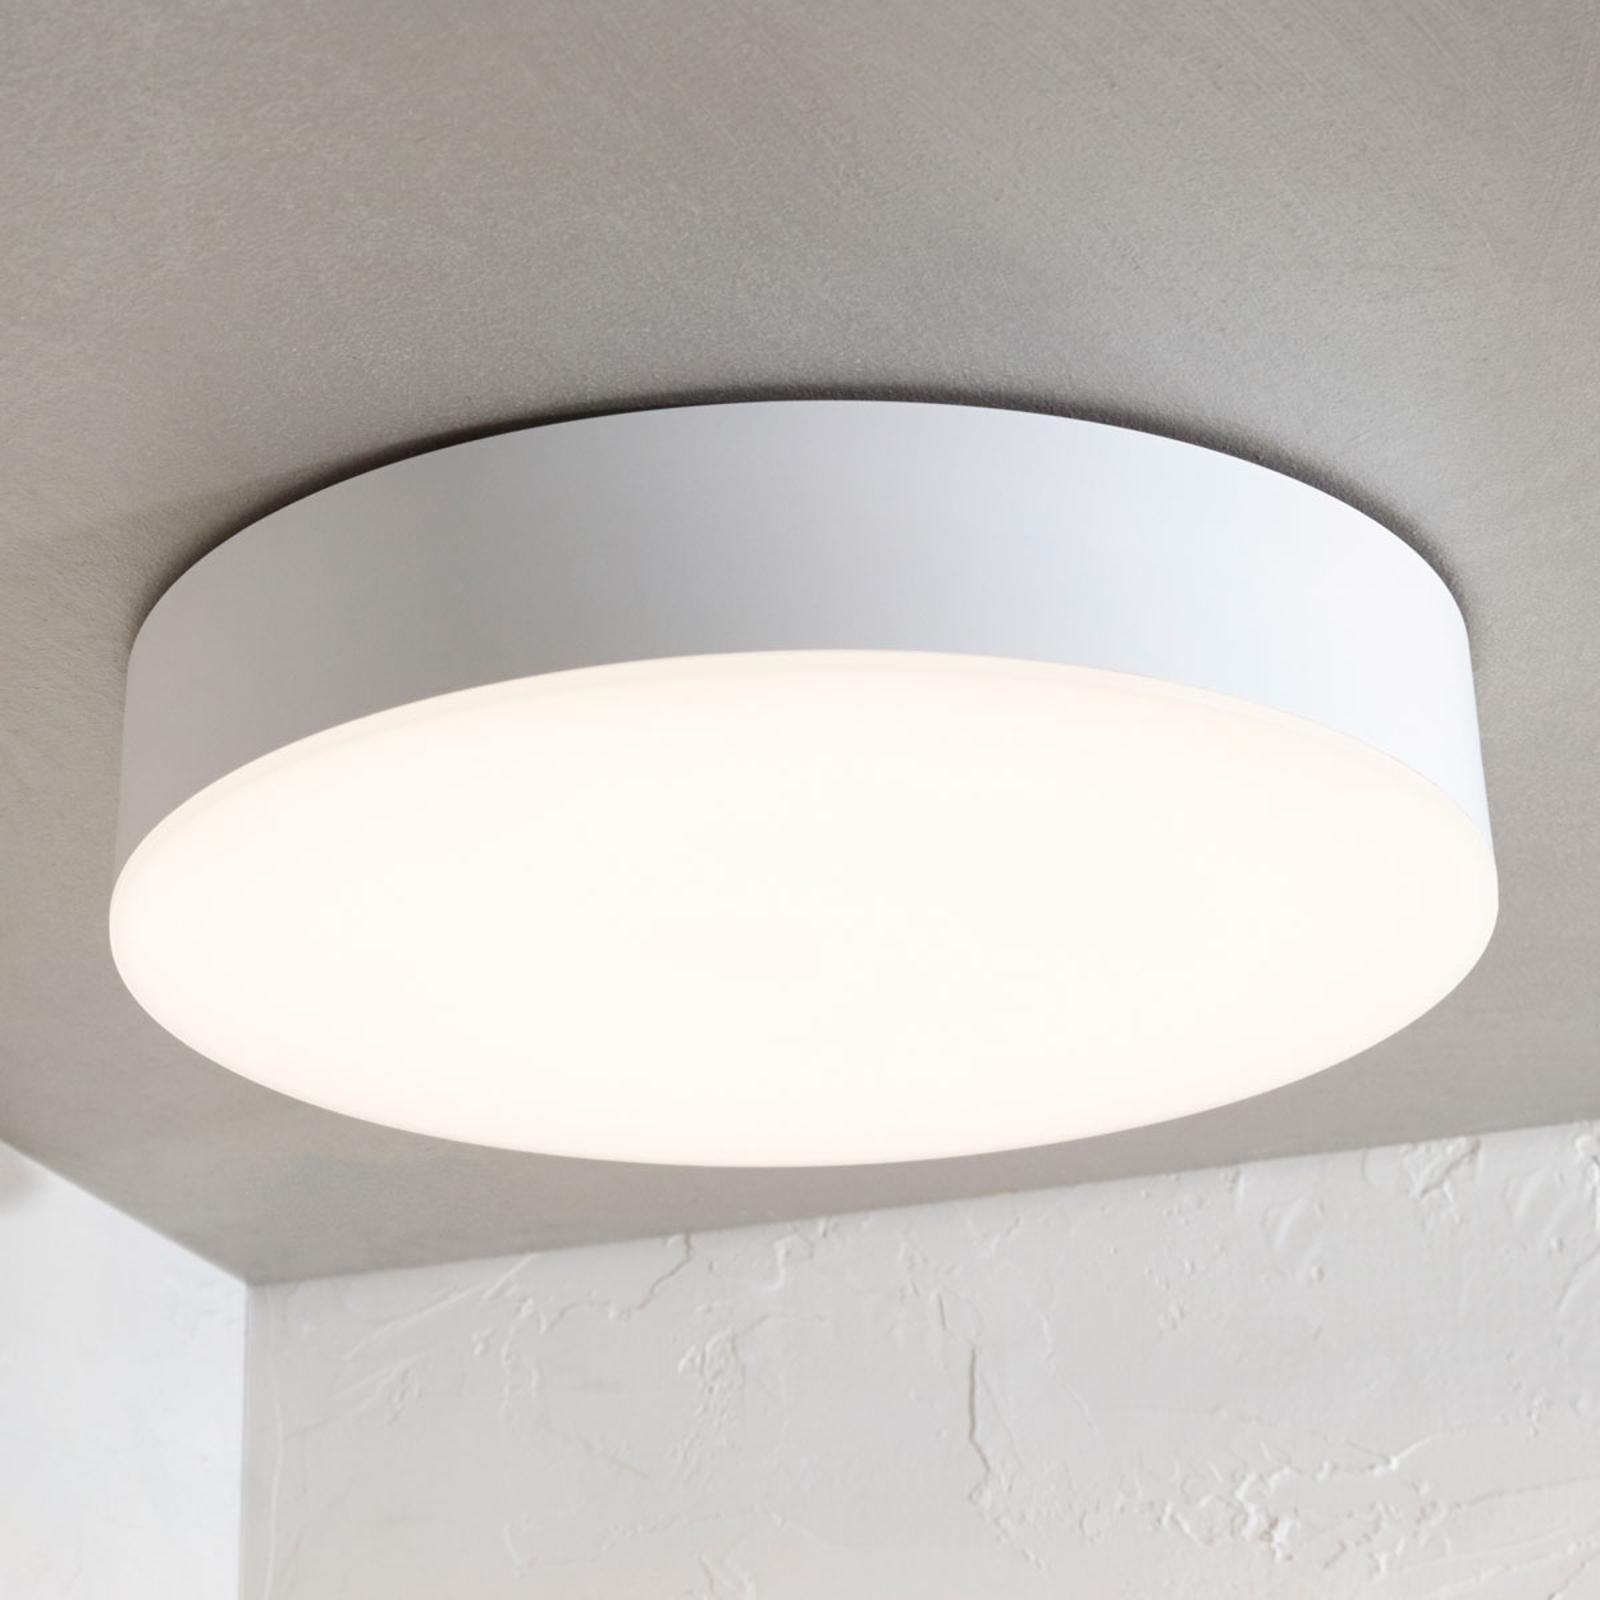 LED-Außendeckenlampe Lyam, IP65, weiß kaufen